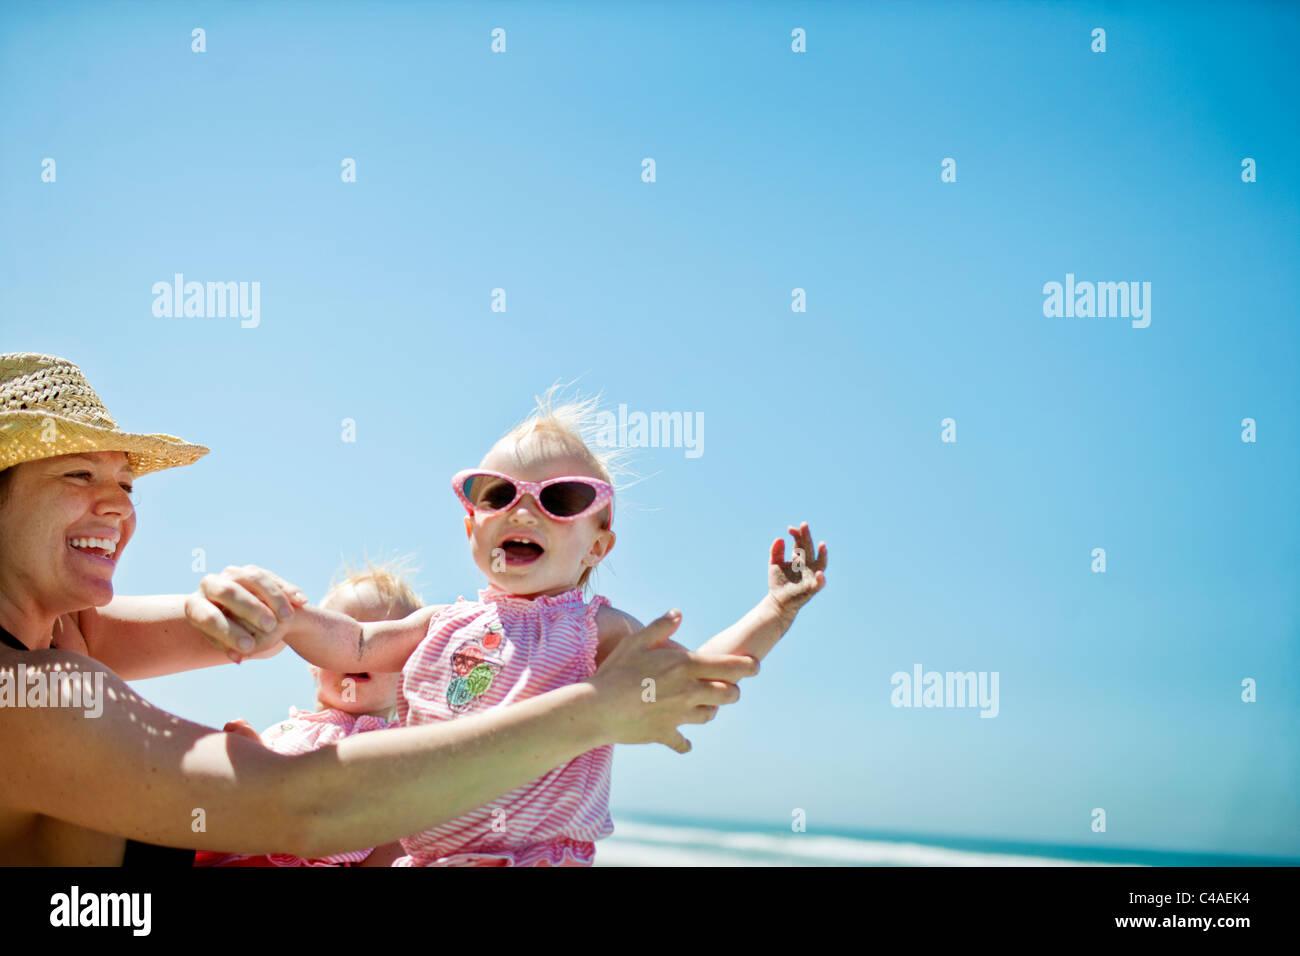 Madre giocando con la figlia sulla spiaggia Immagini Stock